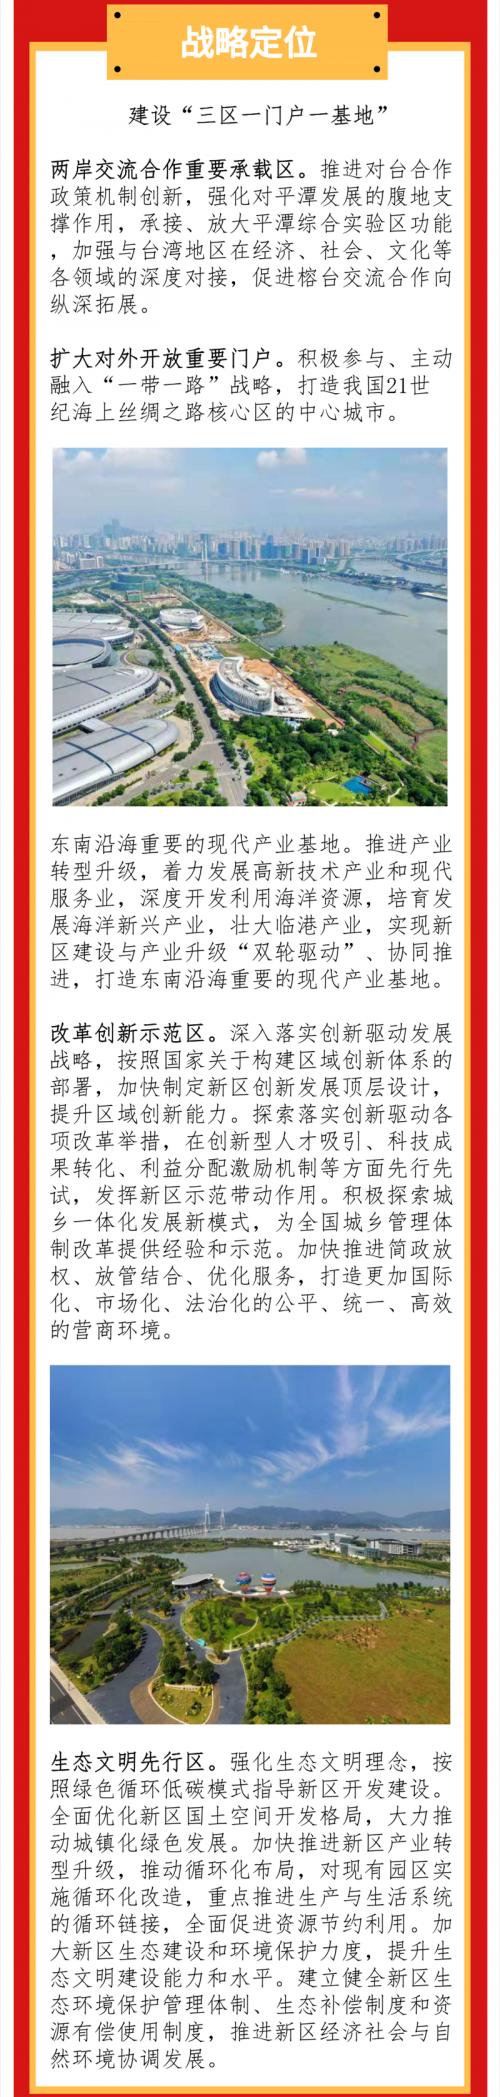 福州新区_zhong